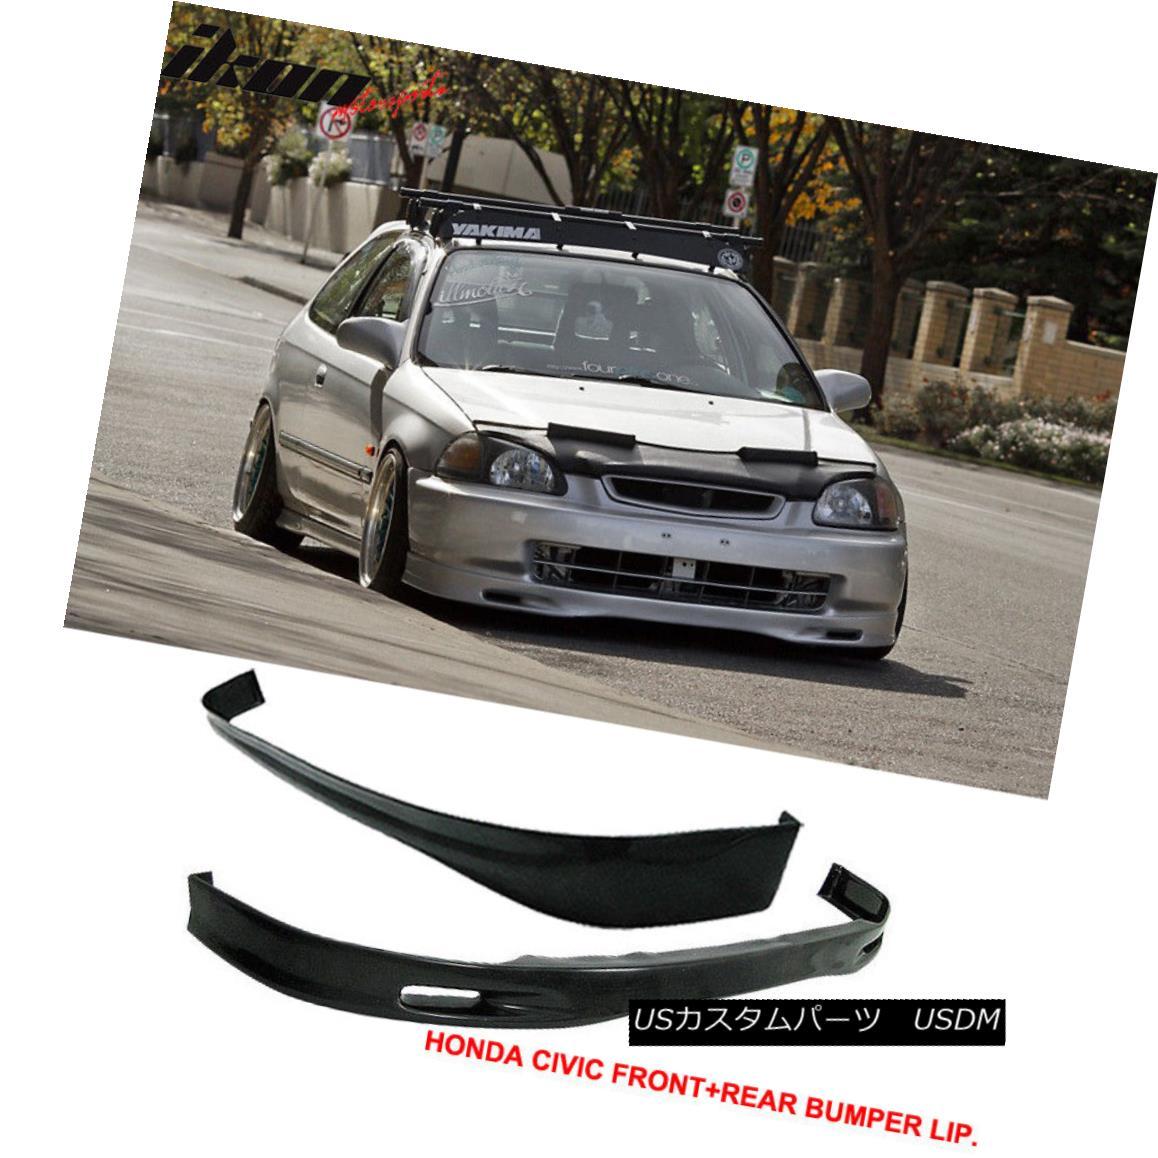 Fits 2001 2002 2003 Honda Civic Sedan Rear Bumper COVER PAINTED